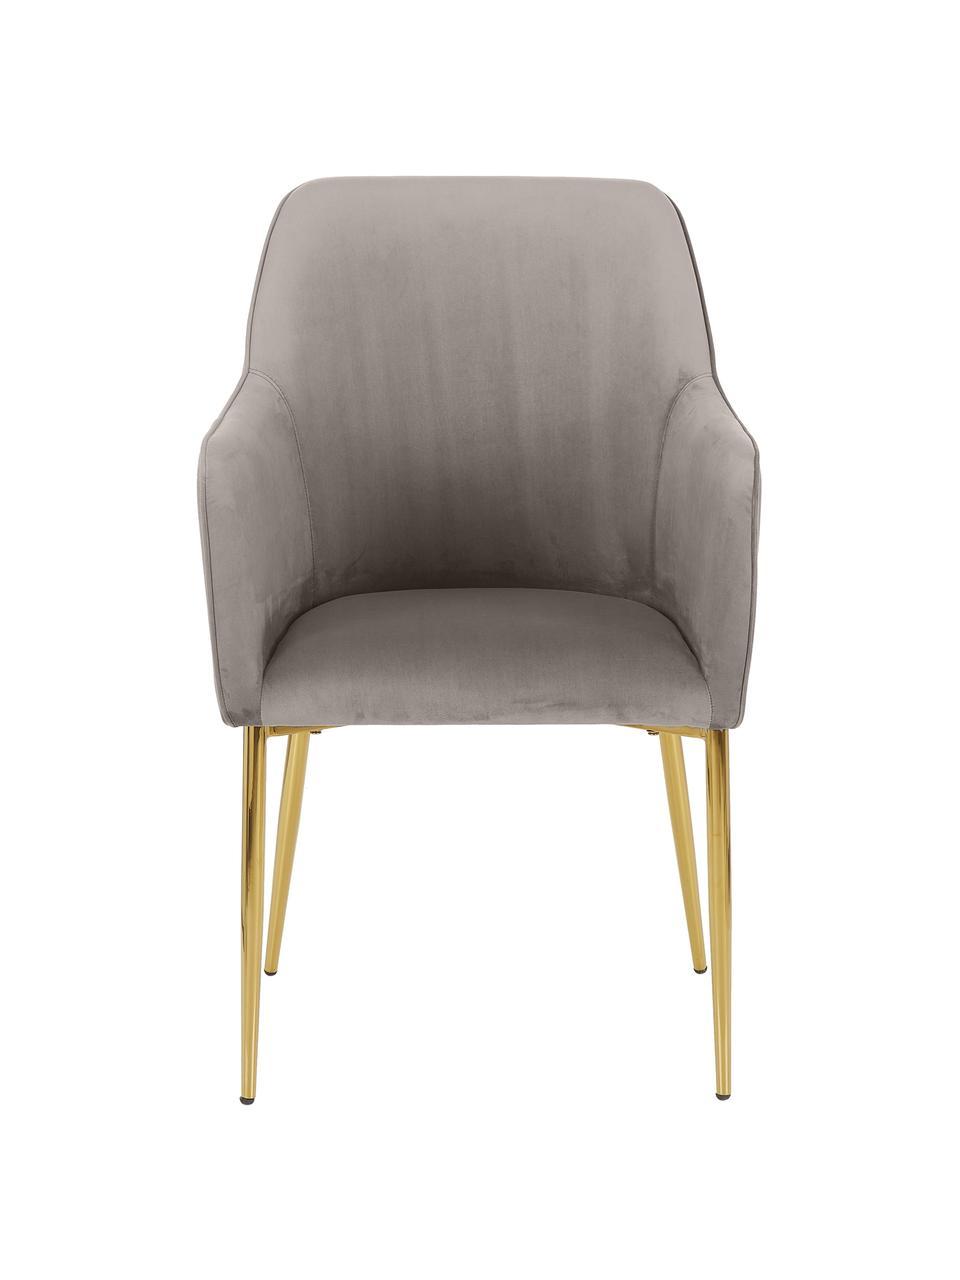 Krzesło z podłokietnikami  z aksamitu Ava, Tapicerka: aksamit (100% poliester) , Nogi: metal galwanizowany, Aksamitny taupe, S 57 x G 63 cm